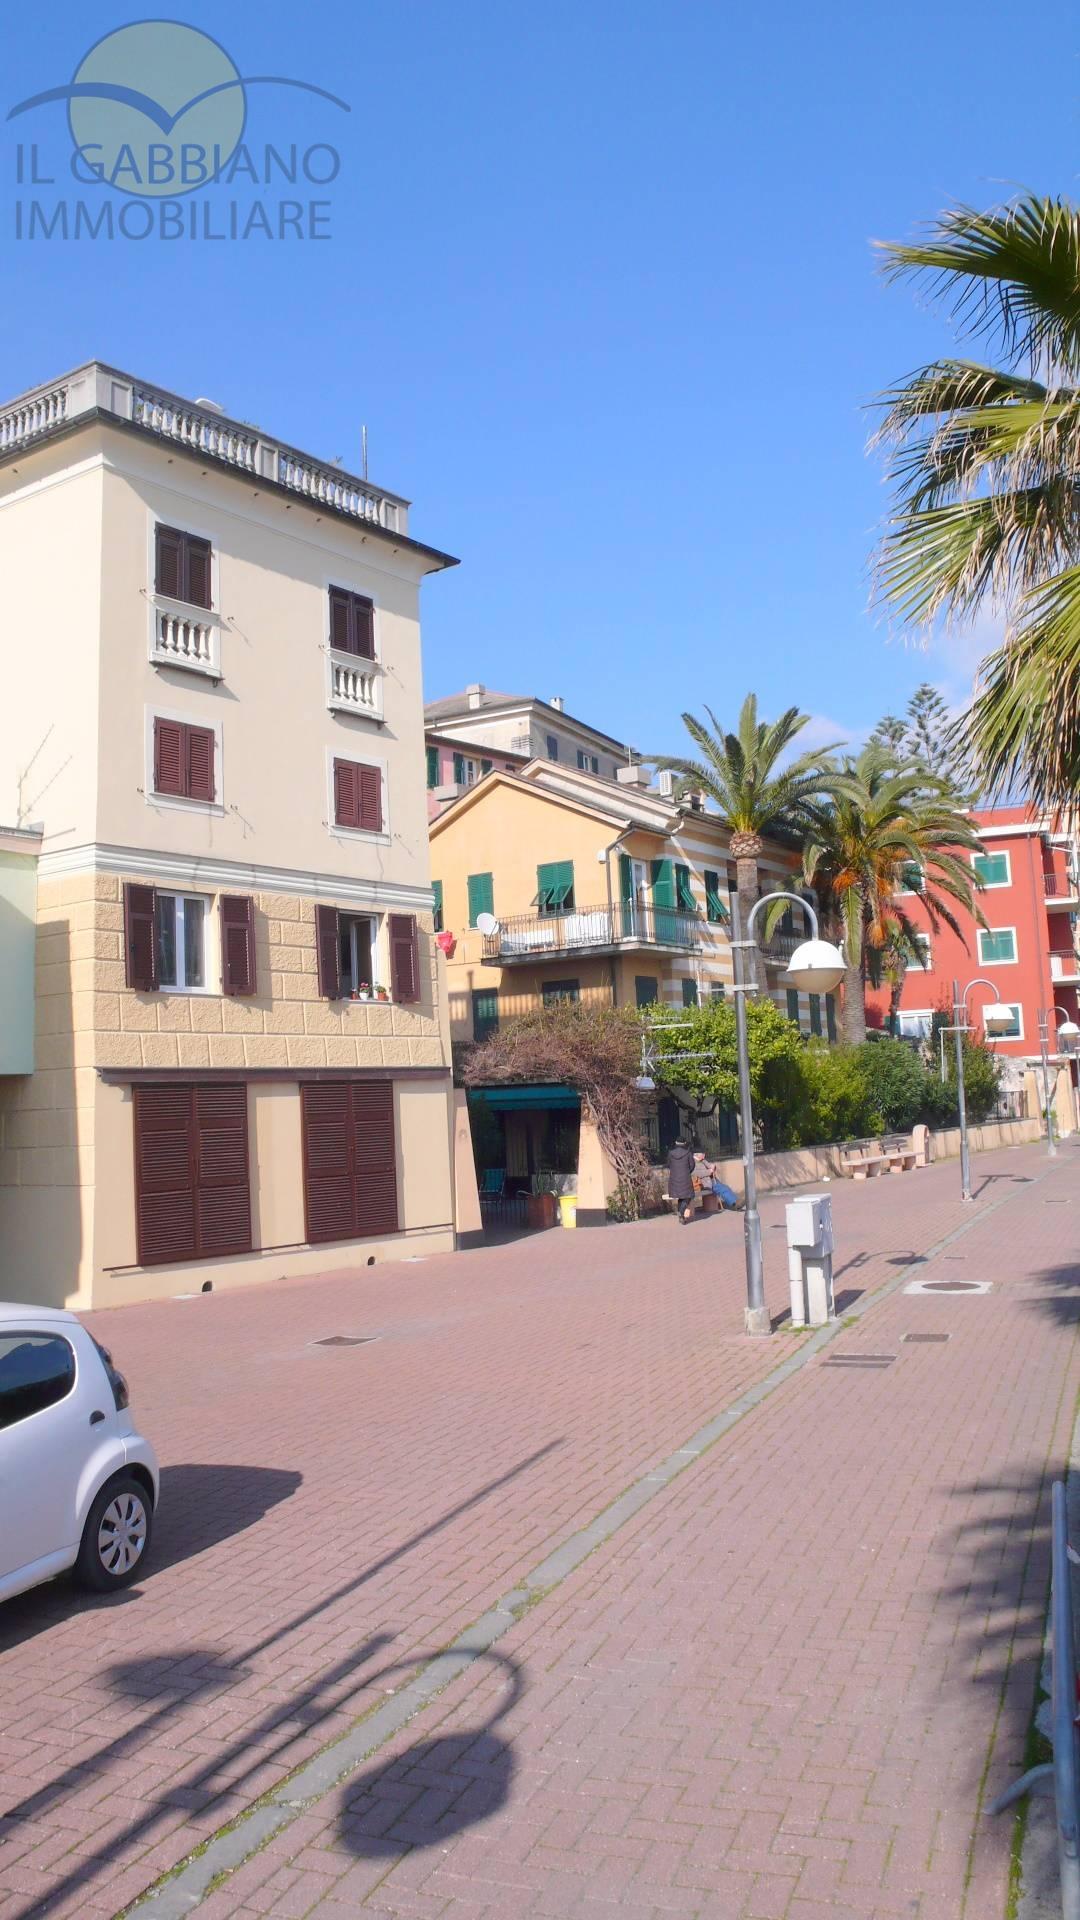 Appartamento in affitto a Recco, 3 locali, zona Località: lungomare, prezzo € 500 | Cambio Casa.it